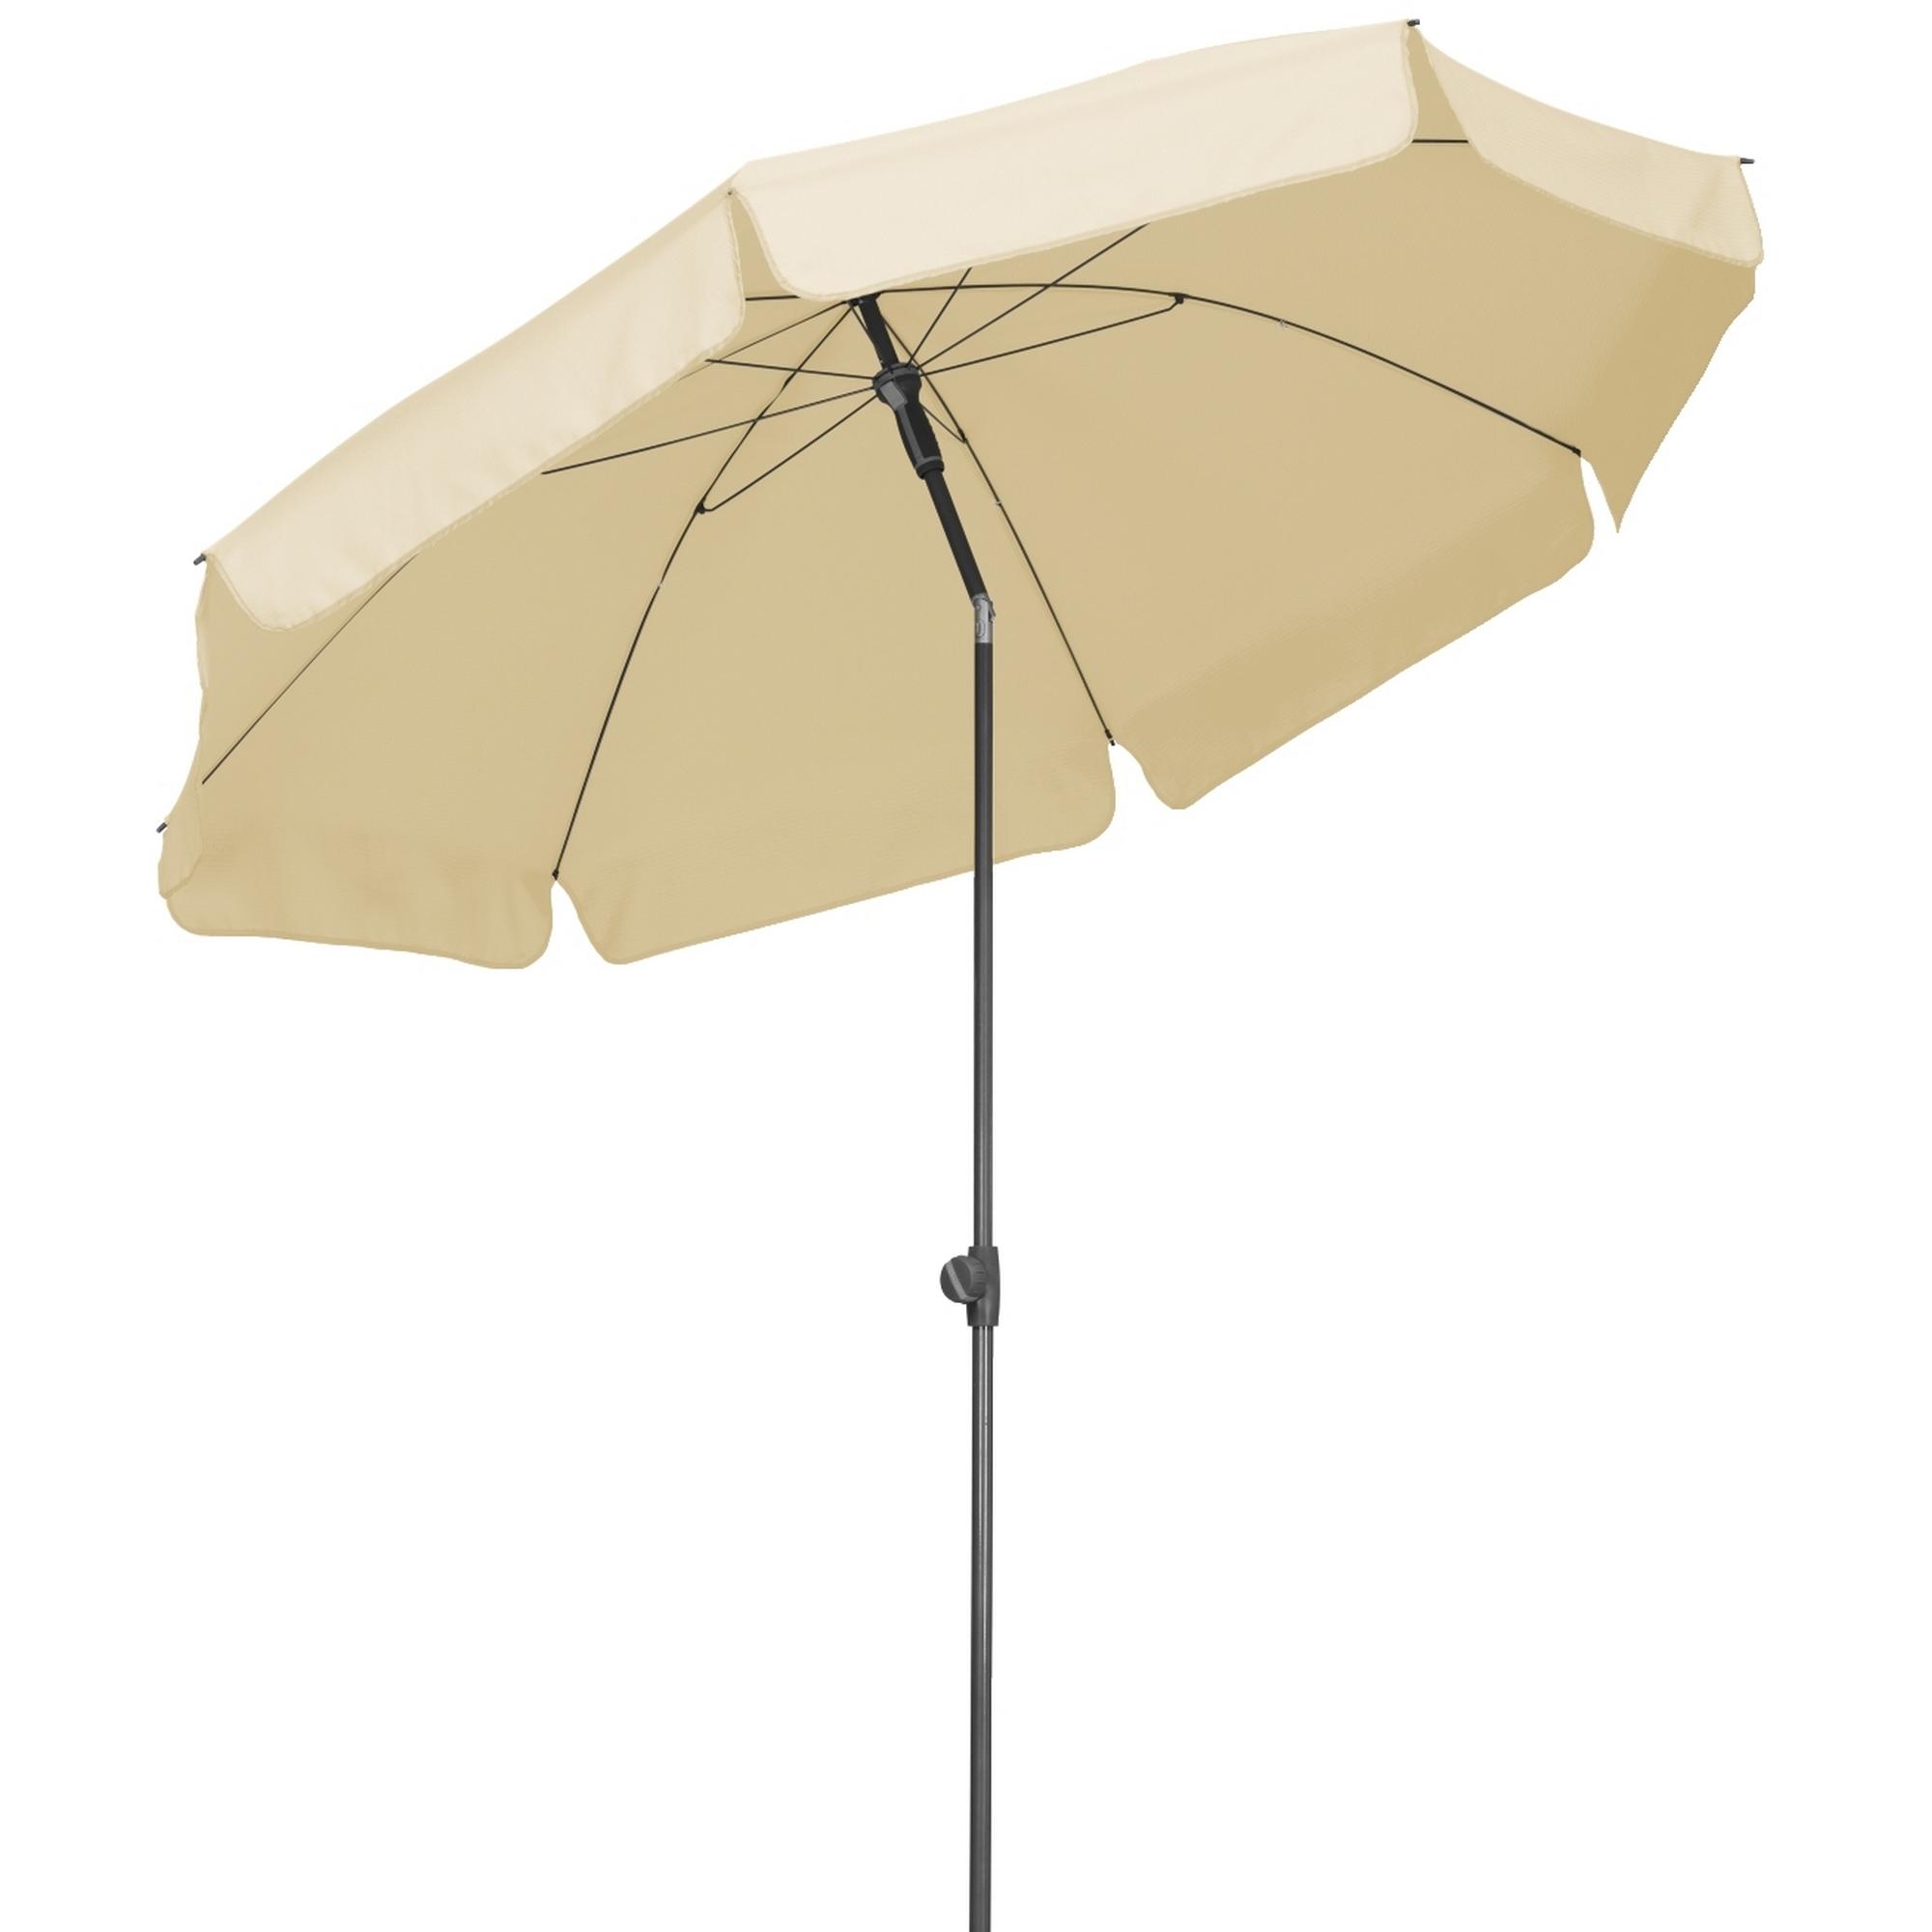 Schneider Schirme Sonnenschirm AQUILA,Ø 250 cm, natur